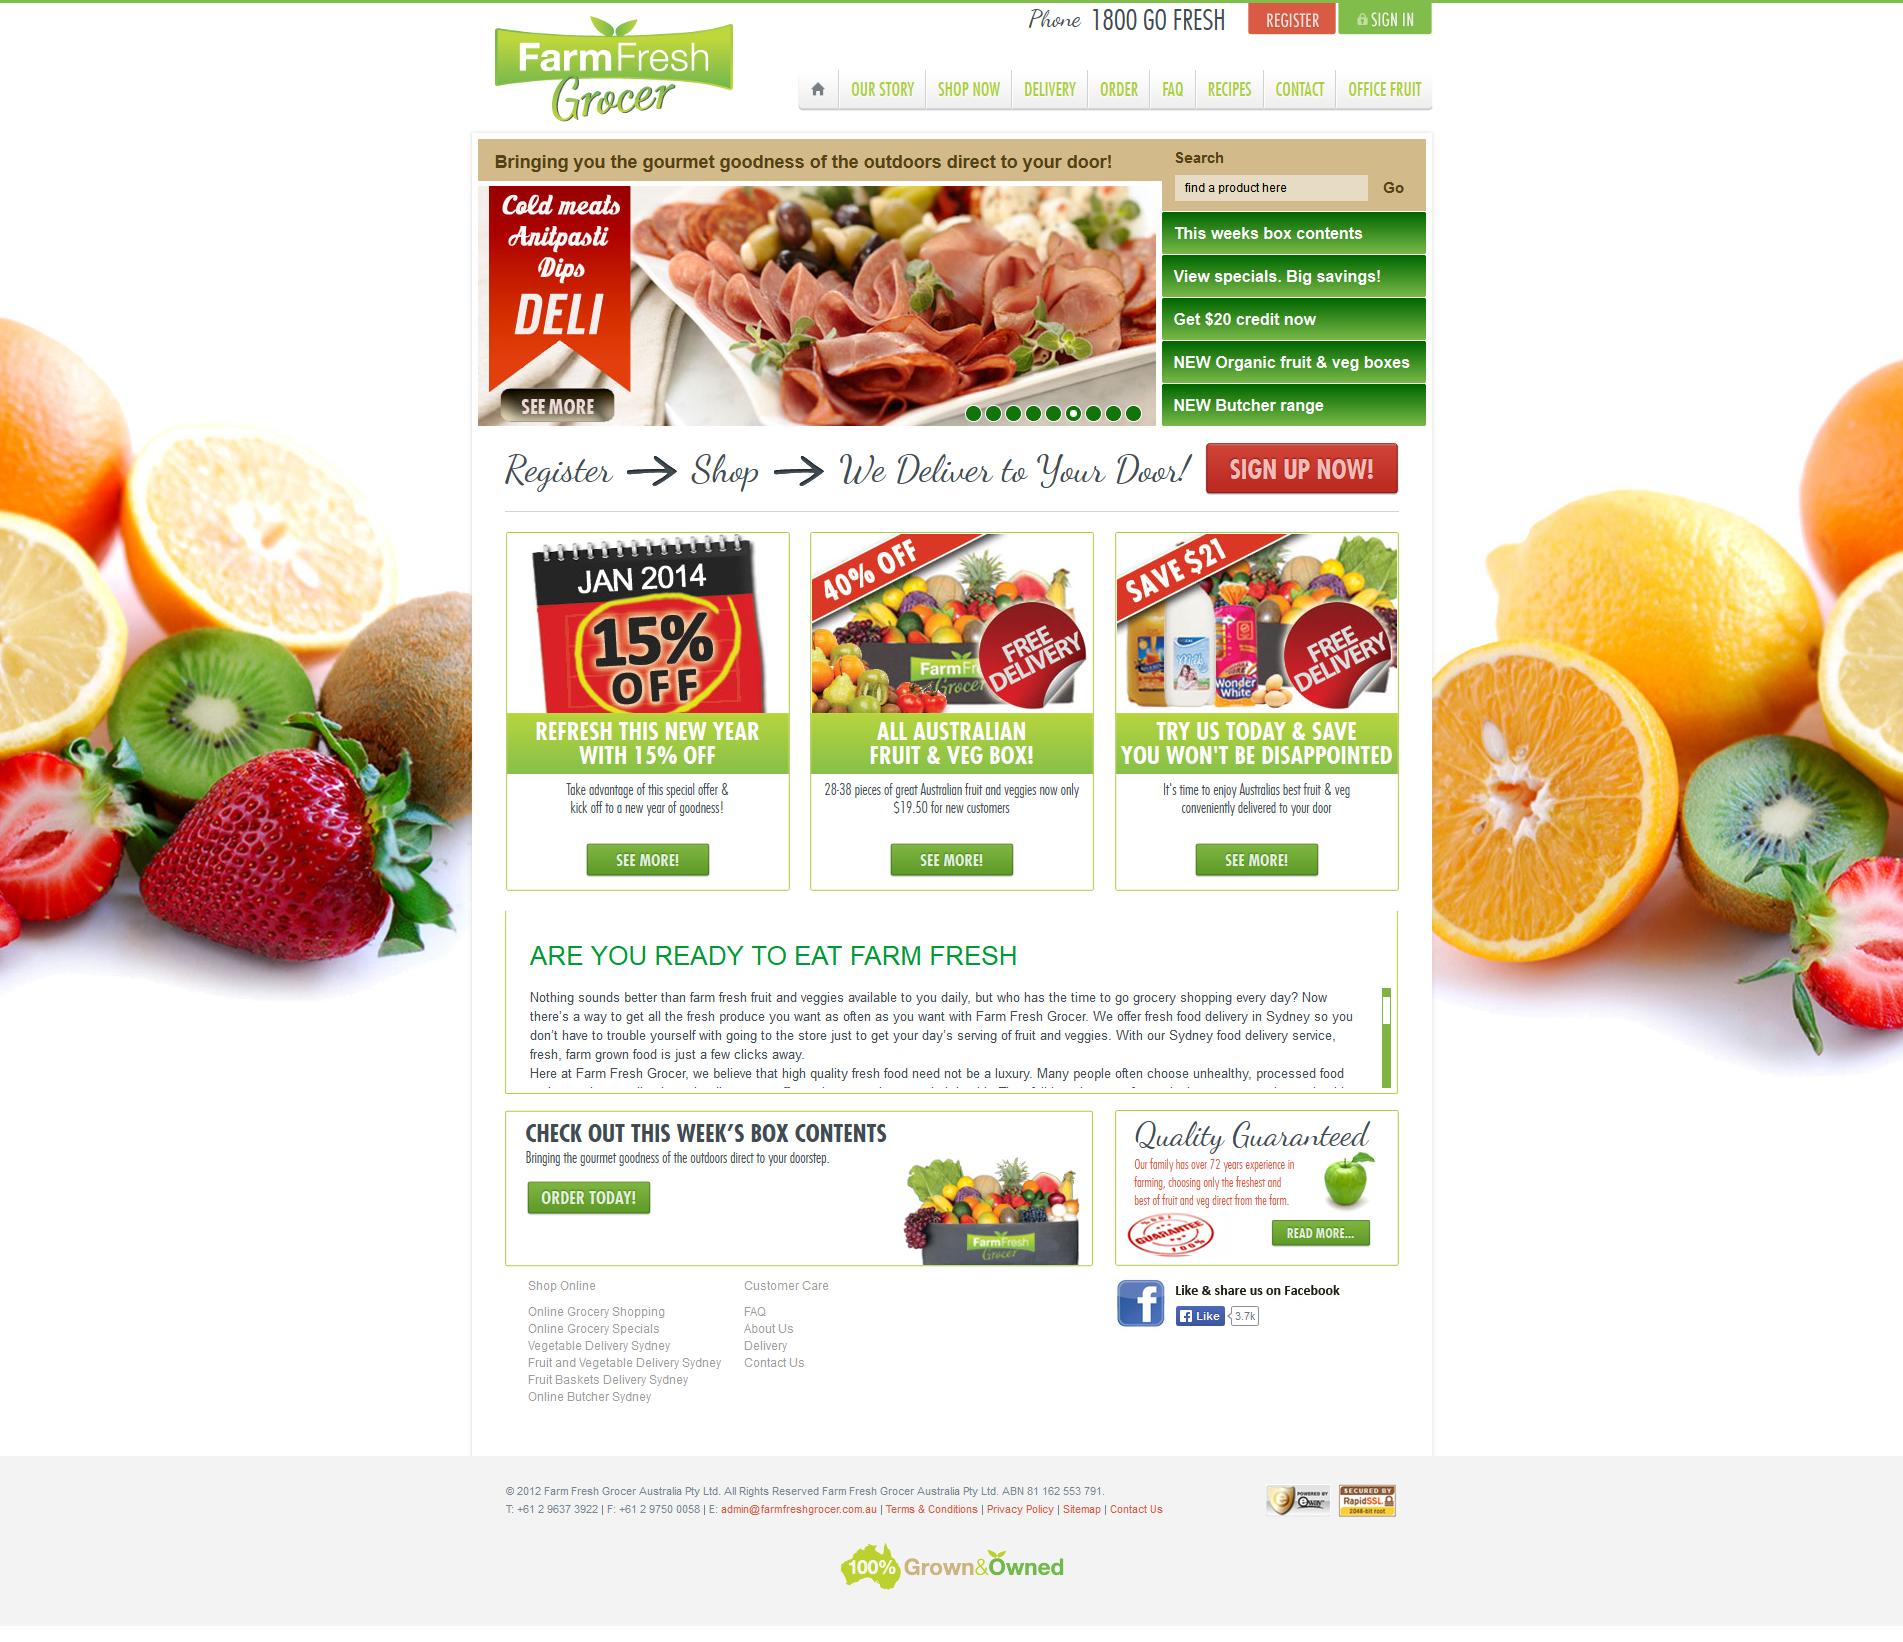 Farmfresh Grocer